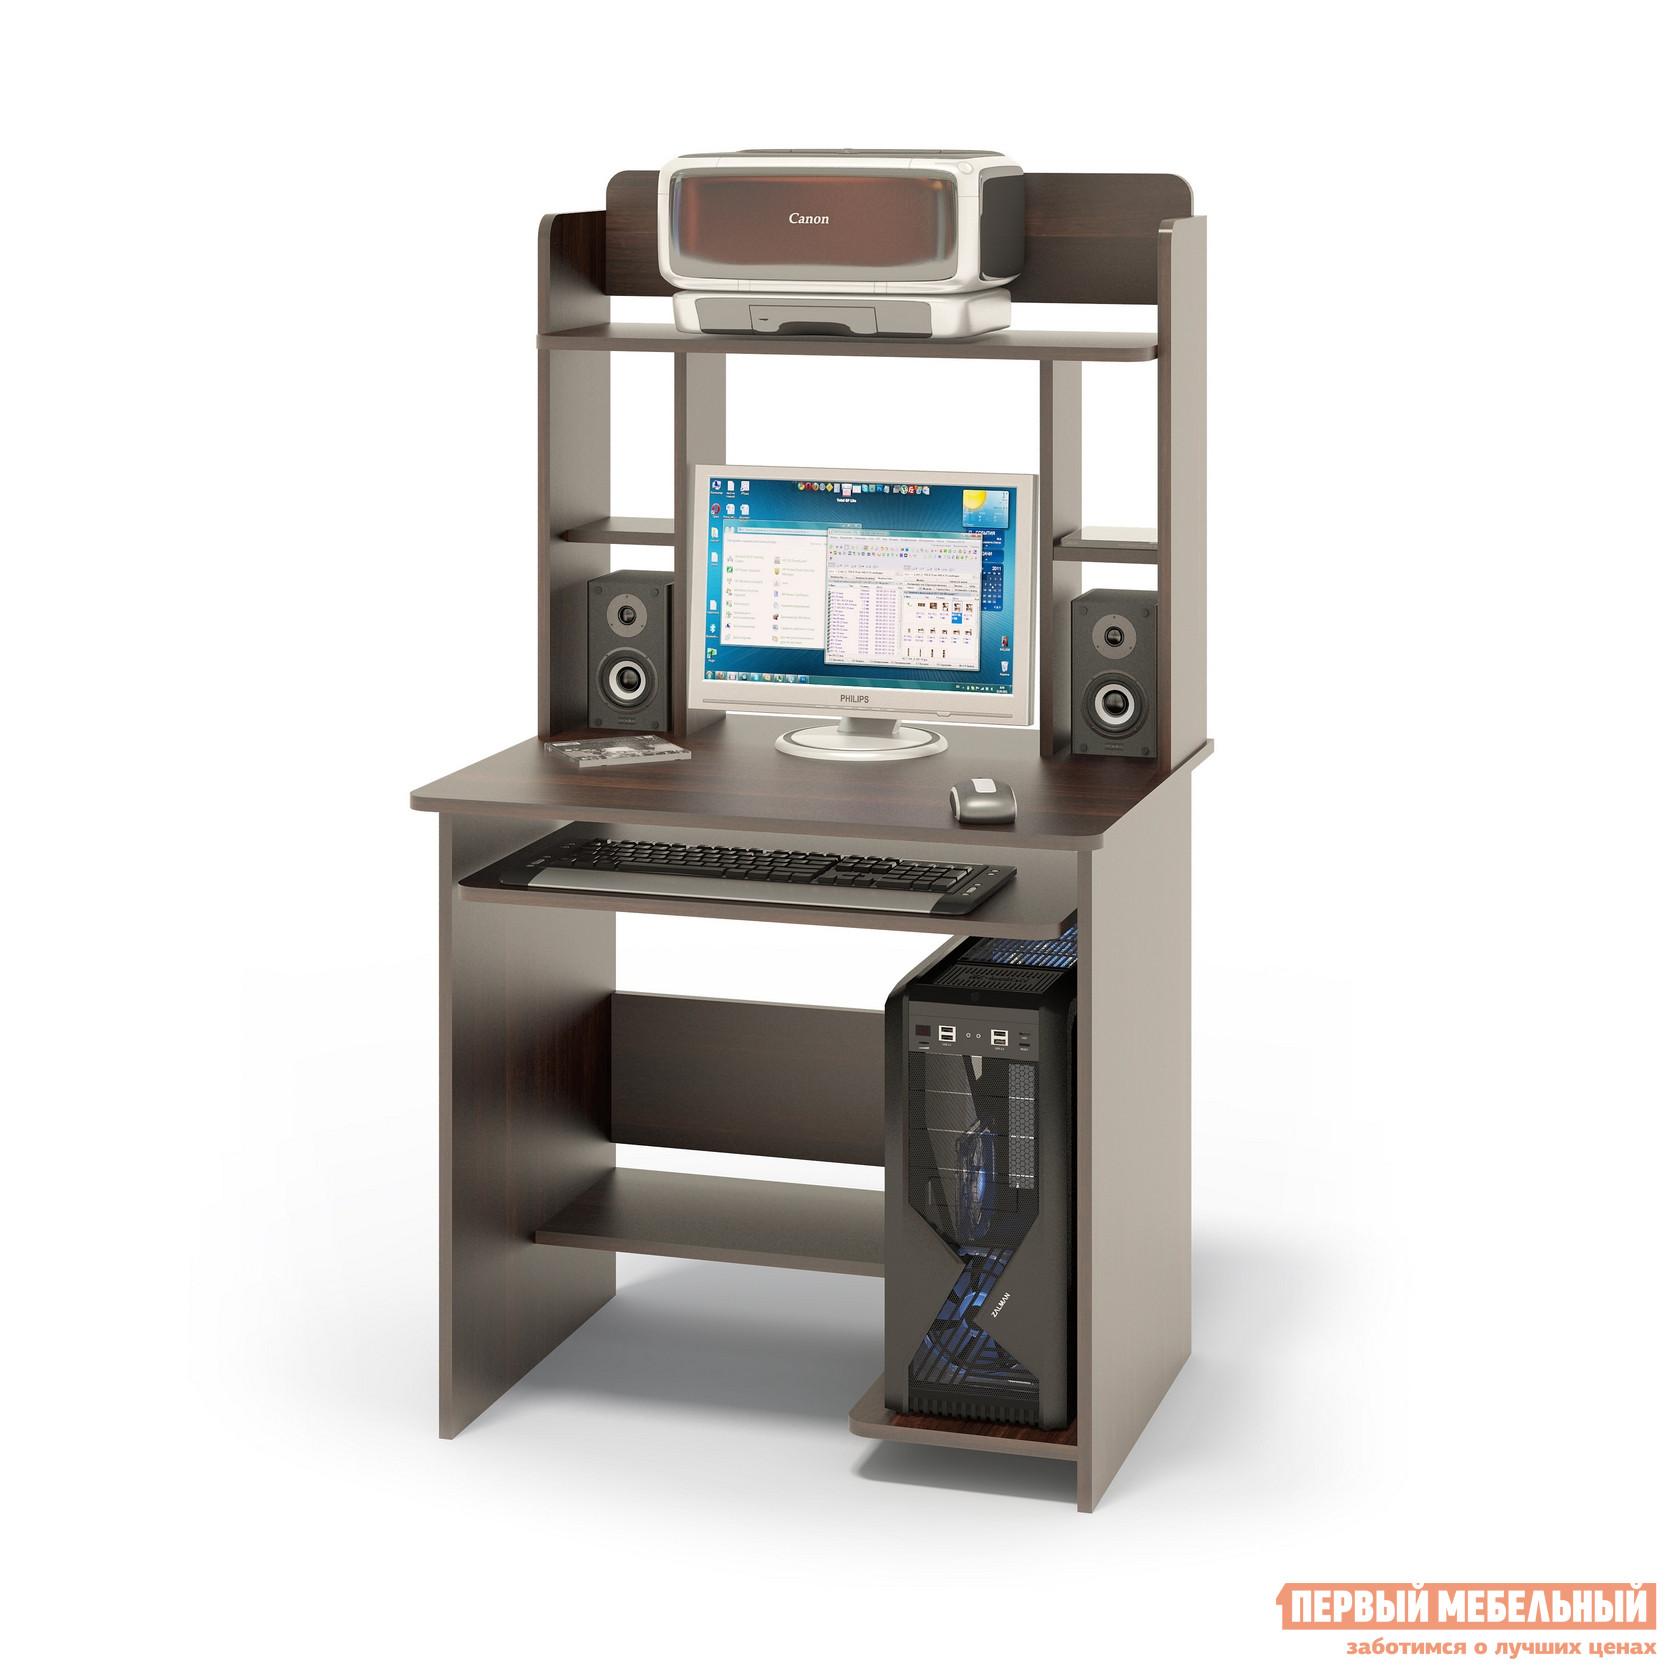 """Компьютерный стол Сокол КСТ-01.1+КН-12 ВенгеКомпьютерные столы<br>Габаритные размеры ВхШхГ 1420x800x600 мм. Компактный  компьютерный стол  с надстройкой, выкатной полочкой для клавиатуры, позволяющей использовать поверхность стола для работы, полками для системного блока и принтера.   Стол позволит в небольшом пространстве организовать удобное место для работы. Размеры стола — 740 х 800 х 600 ммРазмер полки под клавиатуру — 650 х 356 мм. Размеры верхней полочки в надстройке — 758 х 252 мм. Проем под монитор — 476 х 456 мм (под монитор 20""""). Изготовлен из высококачественного ламинированного ДСП российского производства толщиной  16 мм, столешница имеет скругленные края и отделана противоударным кантом ПВХ. Изделие поставляется в разобранном виде.  Хорошо упаковано вгофротару вместе с необходимой фурнитурой для сборки и подробной инструкцией.  Рекомендуем сохранить инструкцию по сборке (паспорт изделия) до истечения гарантийного срока.<br><br>Цвет: Венге<br>Цвет: Венге<br>Высота мм: 1420<br>Ширина мм: 800<br>Глубина мм: 600<br>Кол-во упаковок: 2<br>Форма поставки: В разобранном виде<br>Срок гарантии: 2 года<br>Тип: Прямые<br>Материал: Деревянные, из ЛДСП<br>Размер: Маленькие, Шириной 80 см<br>Особенности: С надстройкой, С полками<br>Стиль: Современный, Модерн"""